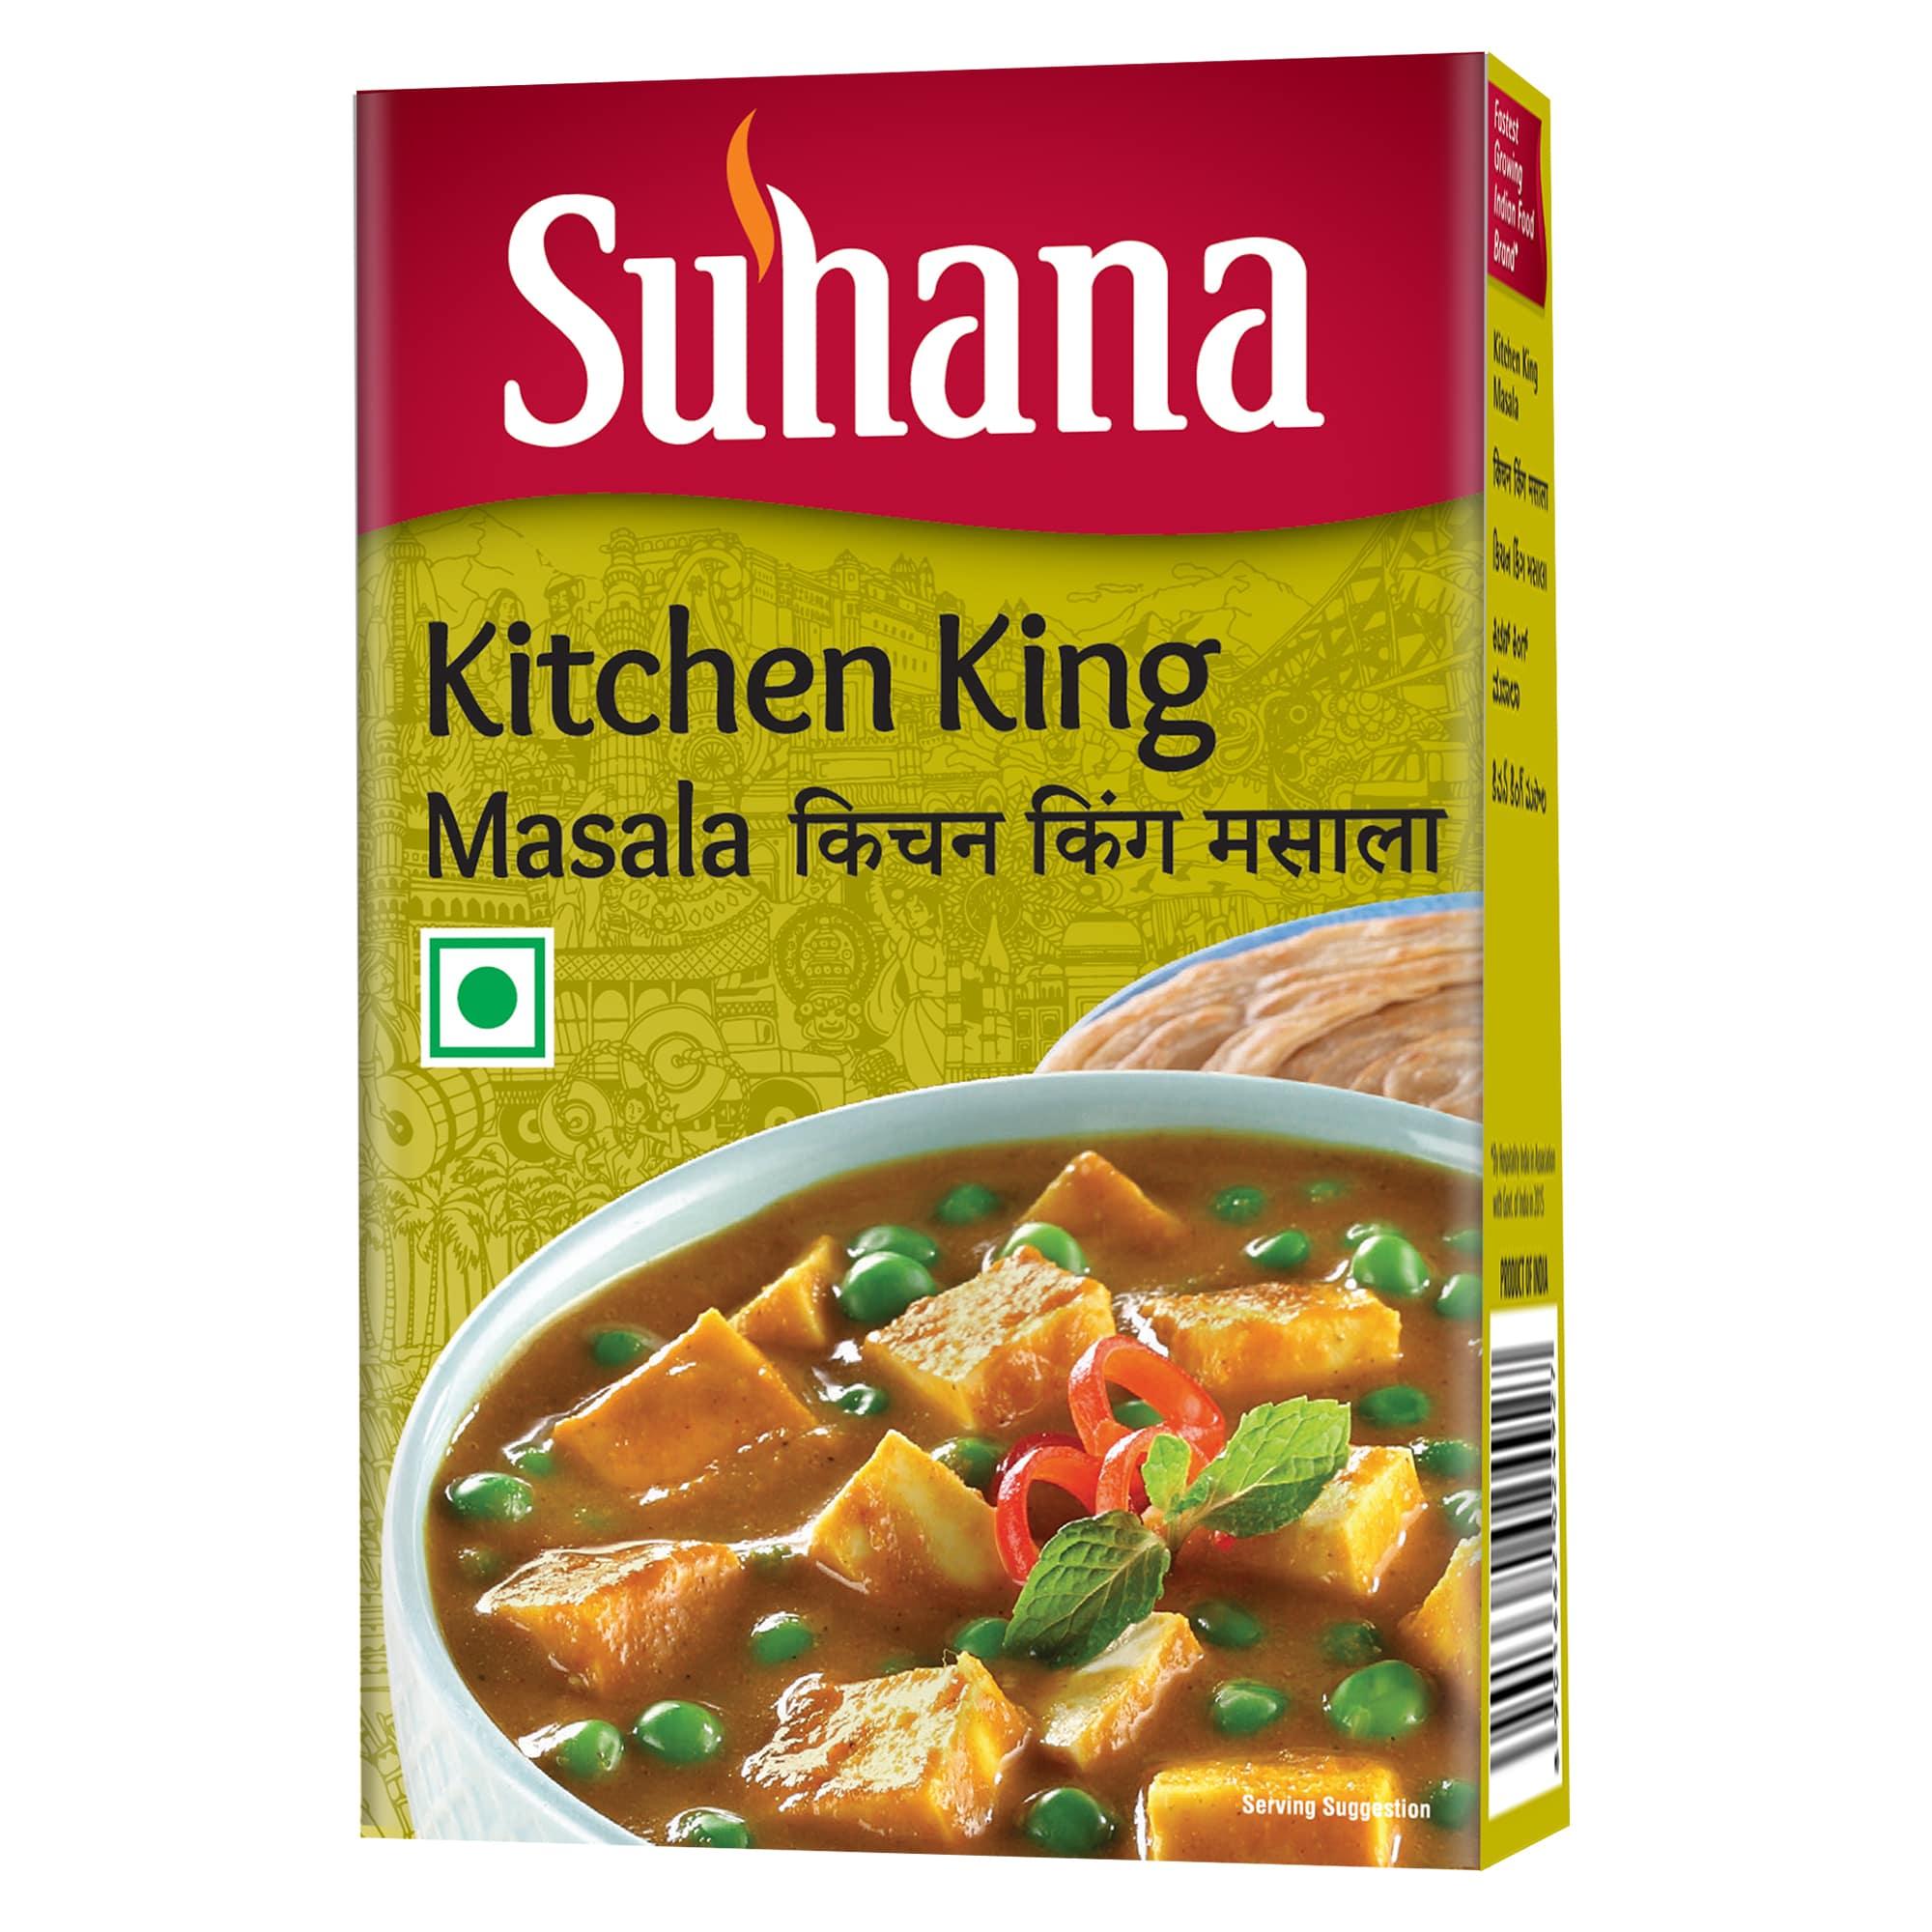 Suhana Kitchen King Masala